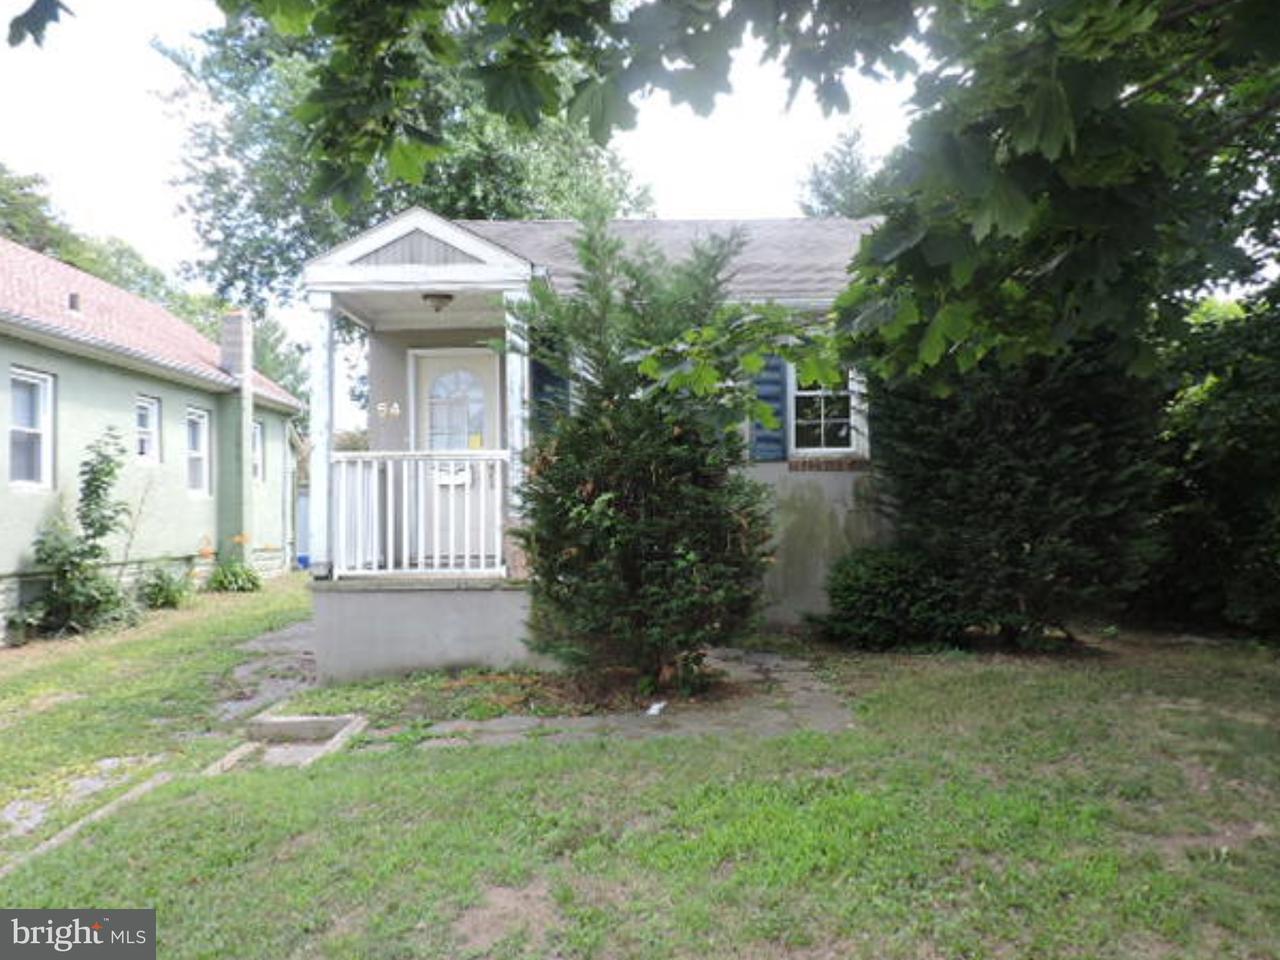 独户住宅 为 销售 在 64 CHERRY Street 伊顿敦, 新泽西州 07724 美国